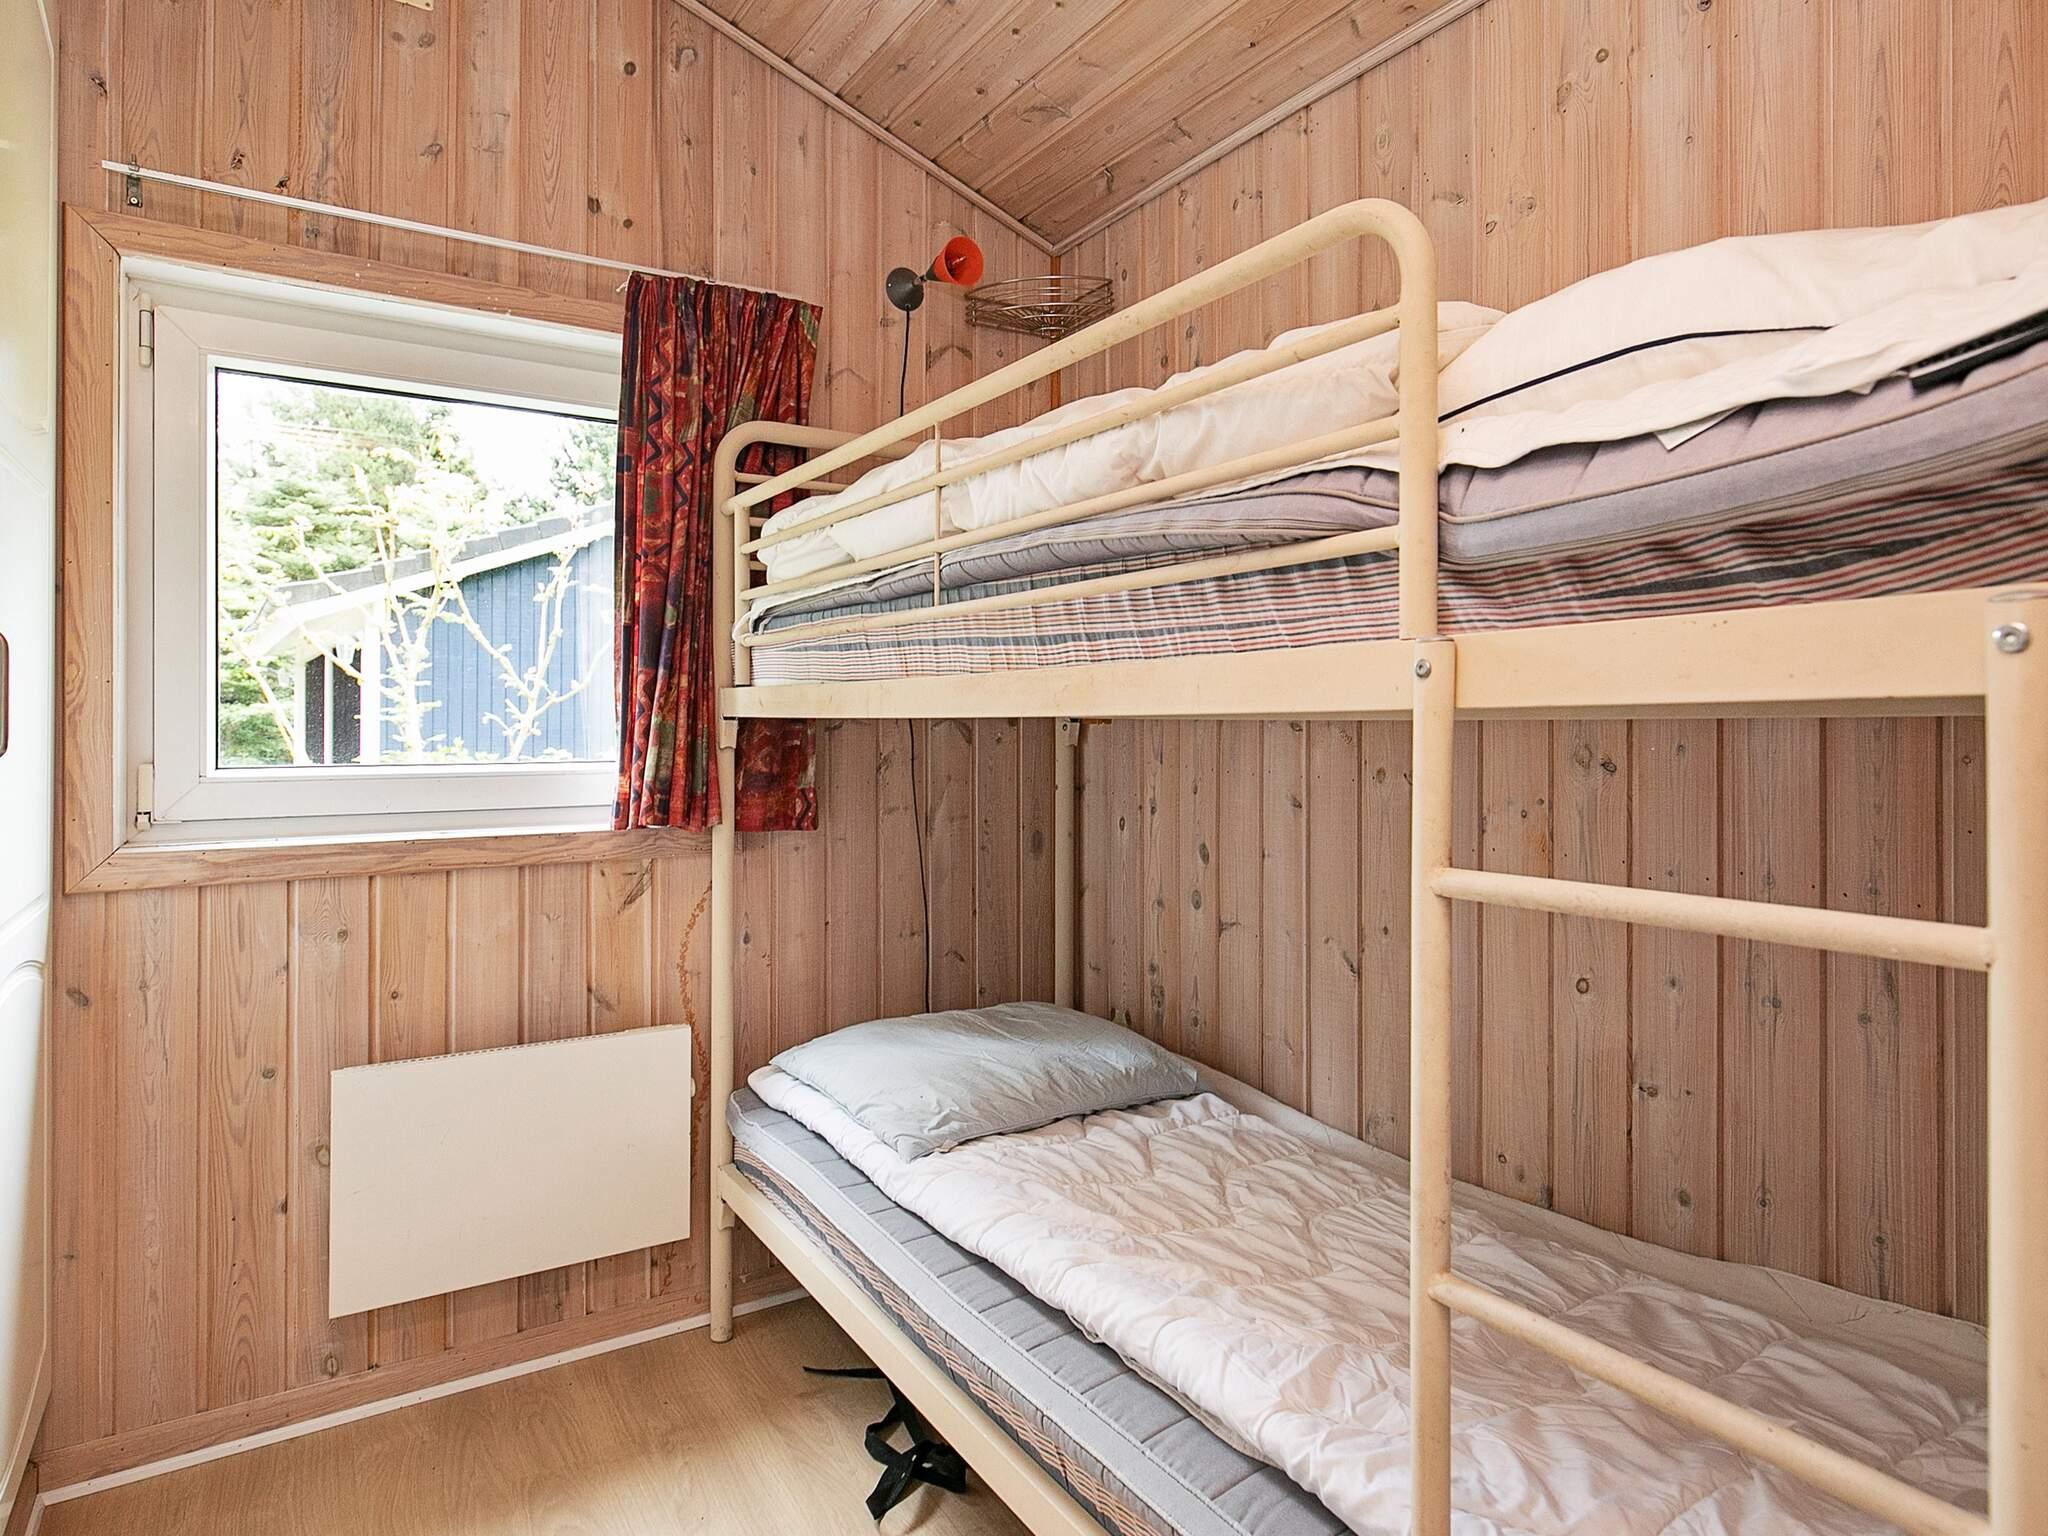 Ferienhaus Marielyst (83562), Marielyst, , Falster, Dänemark, Bild 9